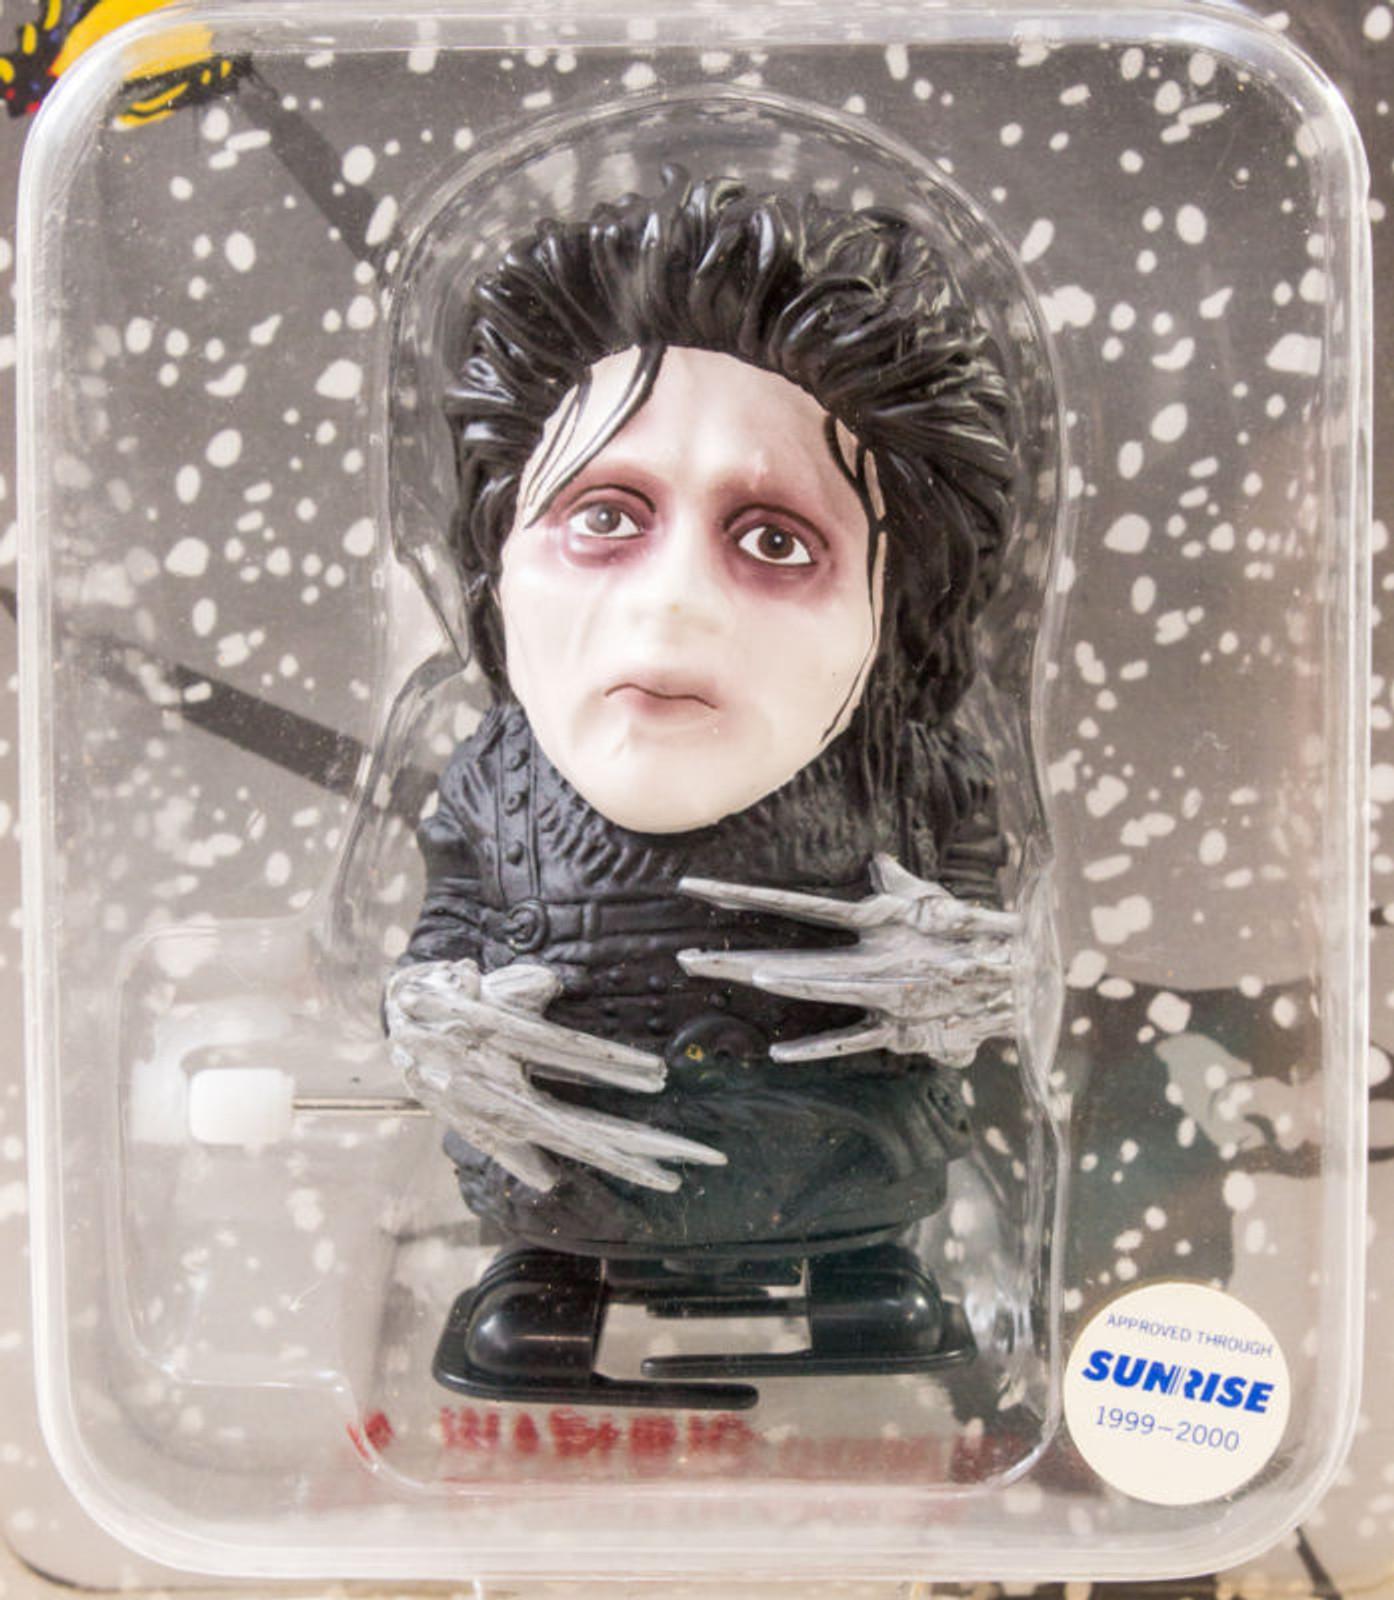 SCISSORHANDS Edward Johnny Depp Wind-Up Figure Normal Ver. Medicom Toy JAPAN